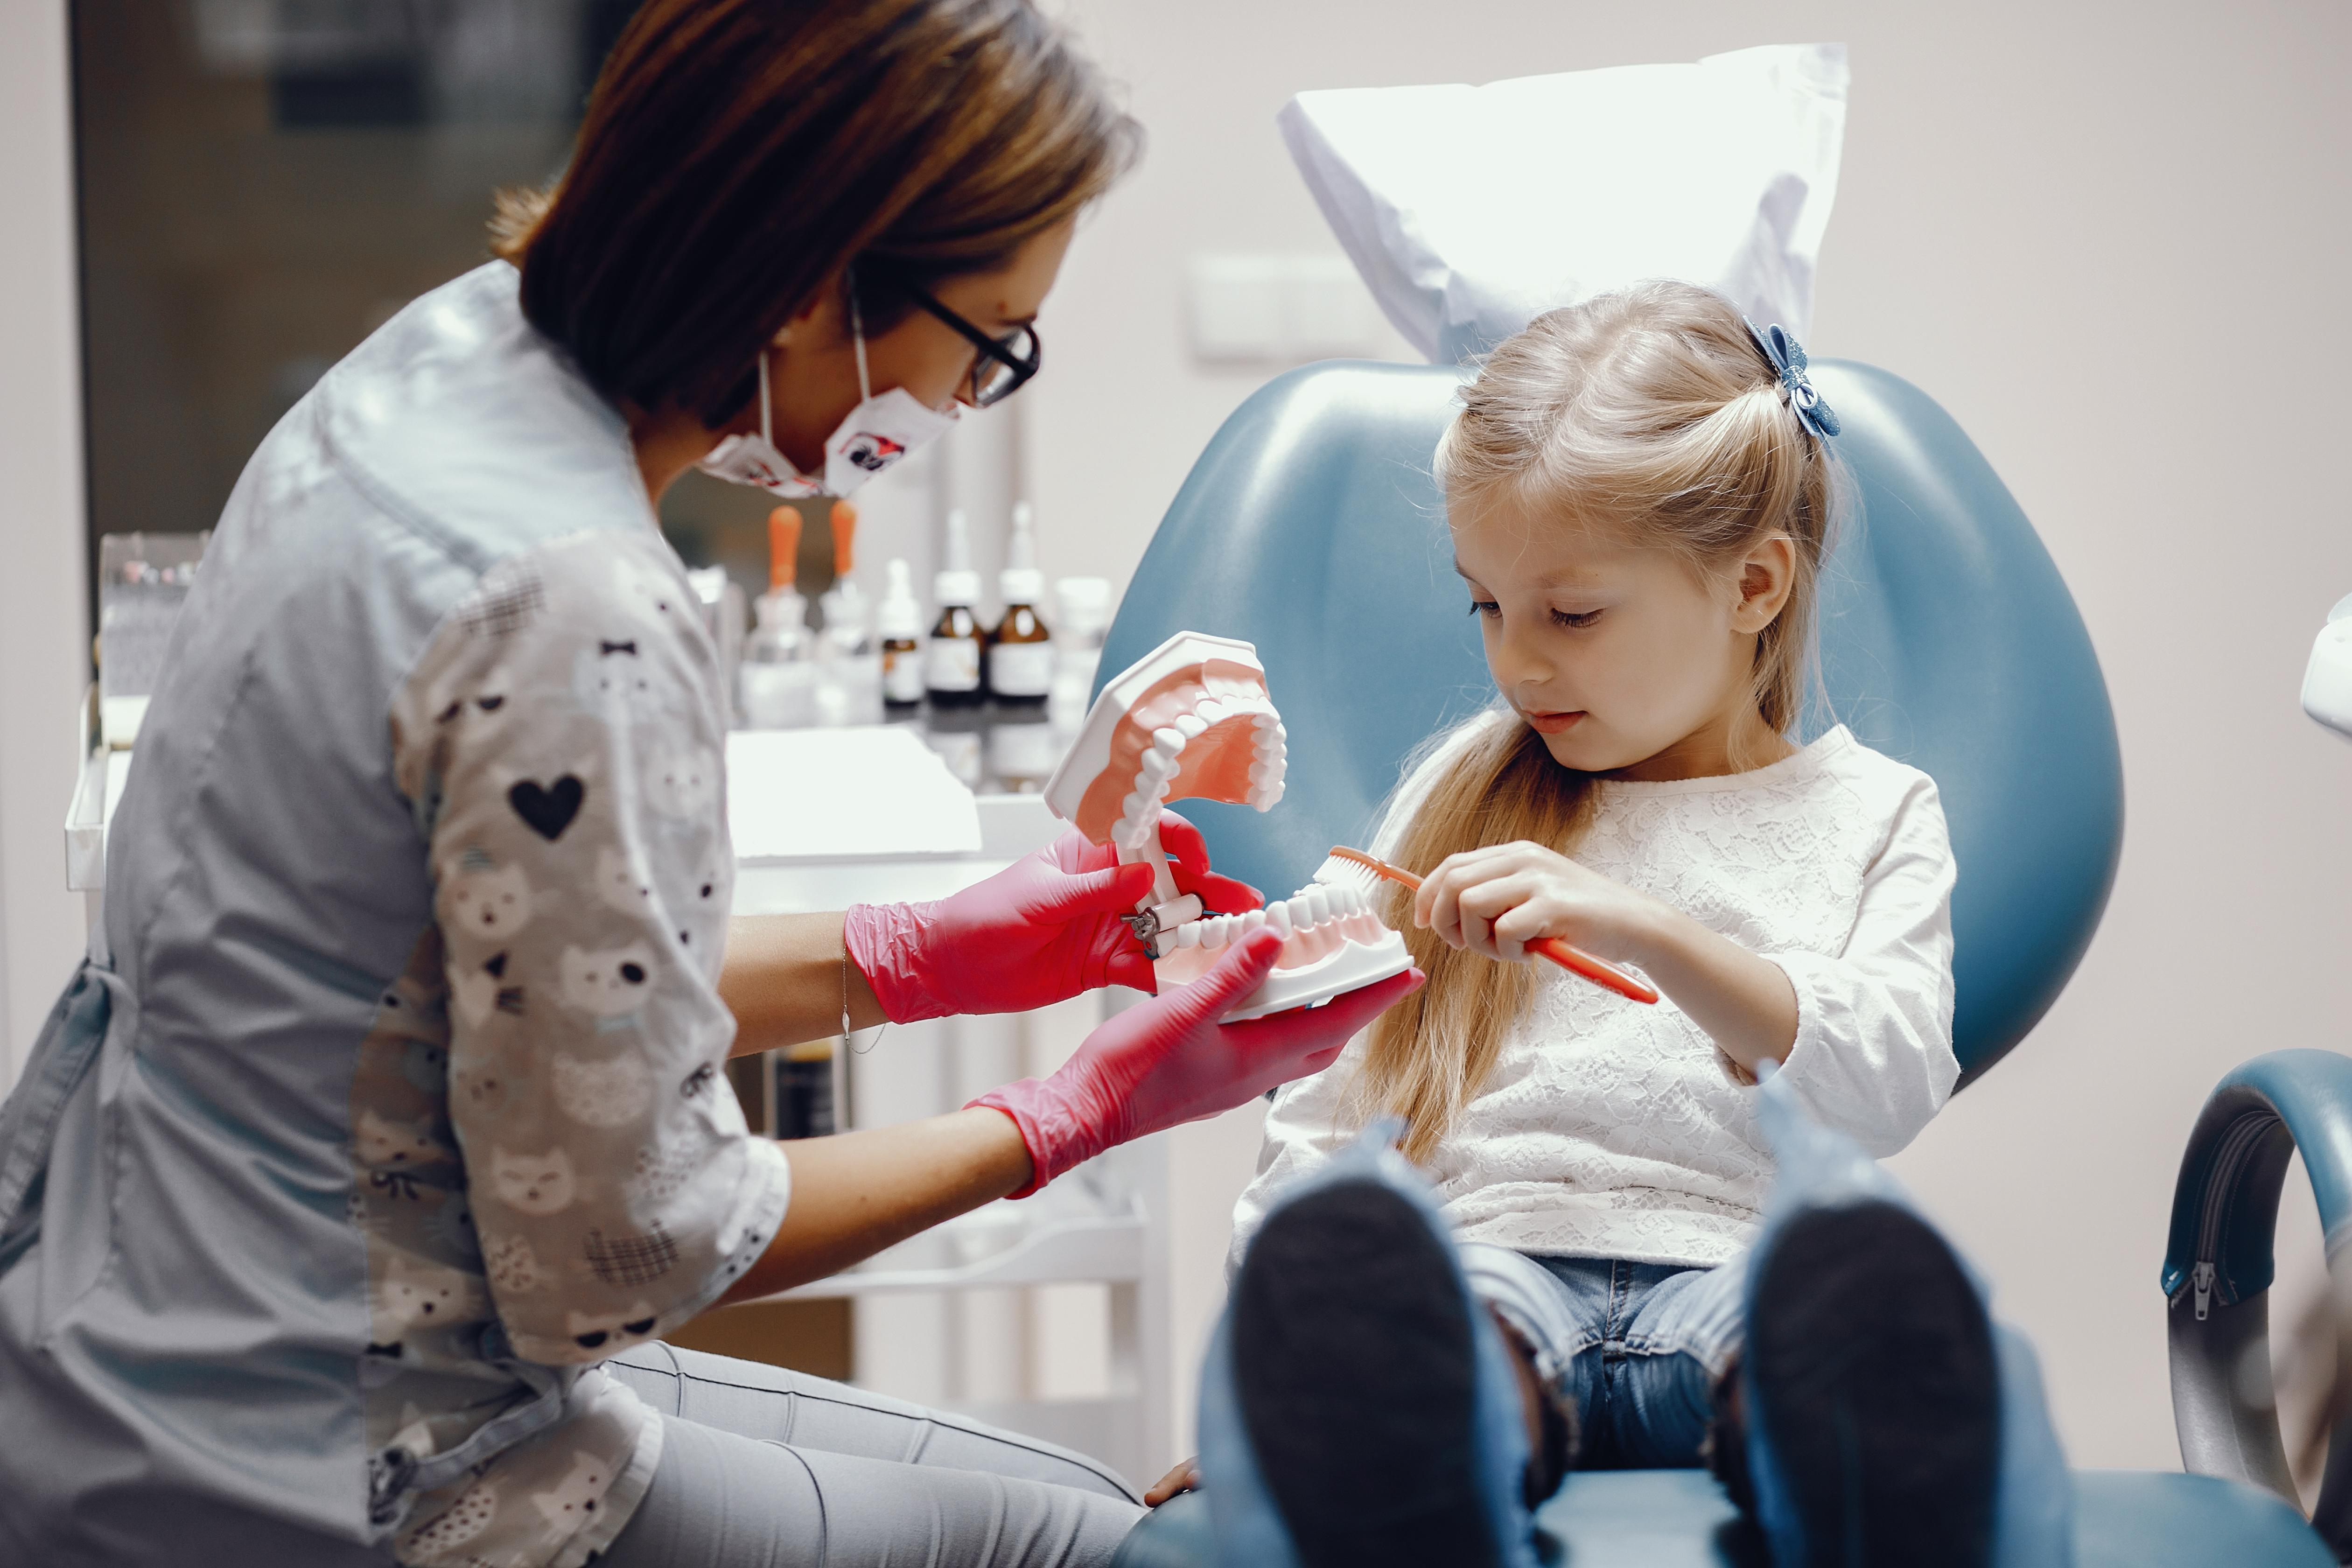 Saúde oral e higiene bucal do seu filho